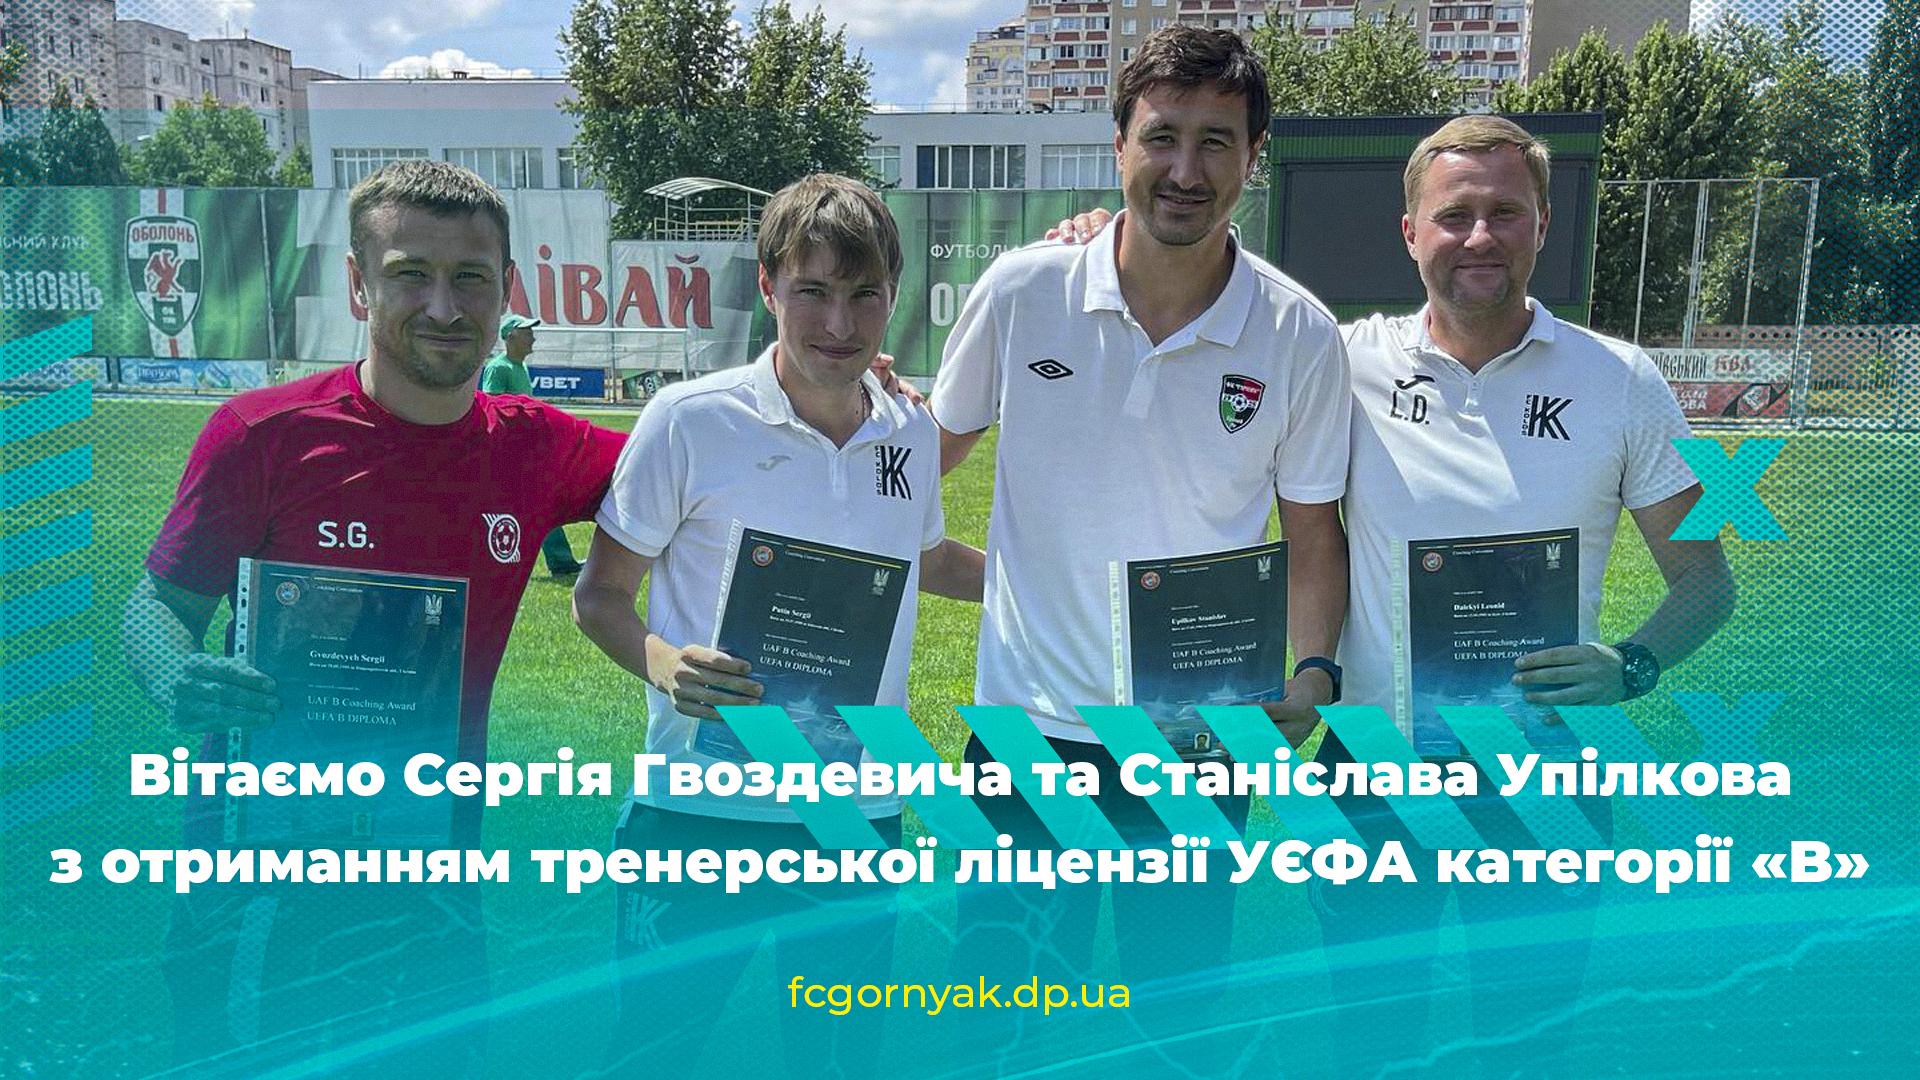 Станіслав Упілков та Сергій Гвоздевич отримали В-диплом УЄФА